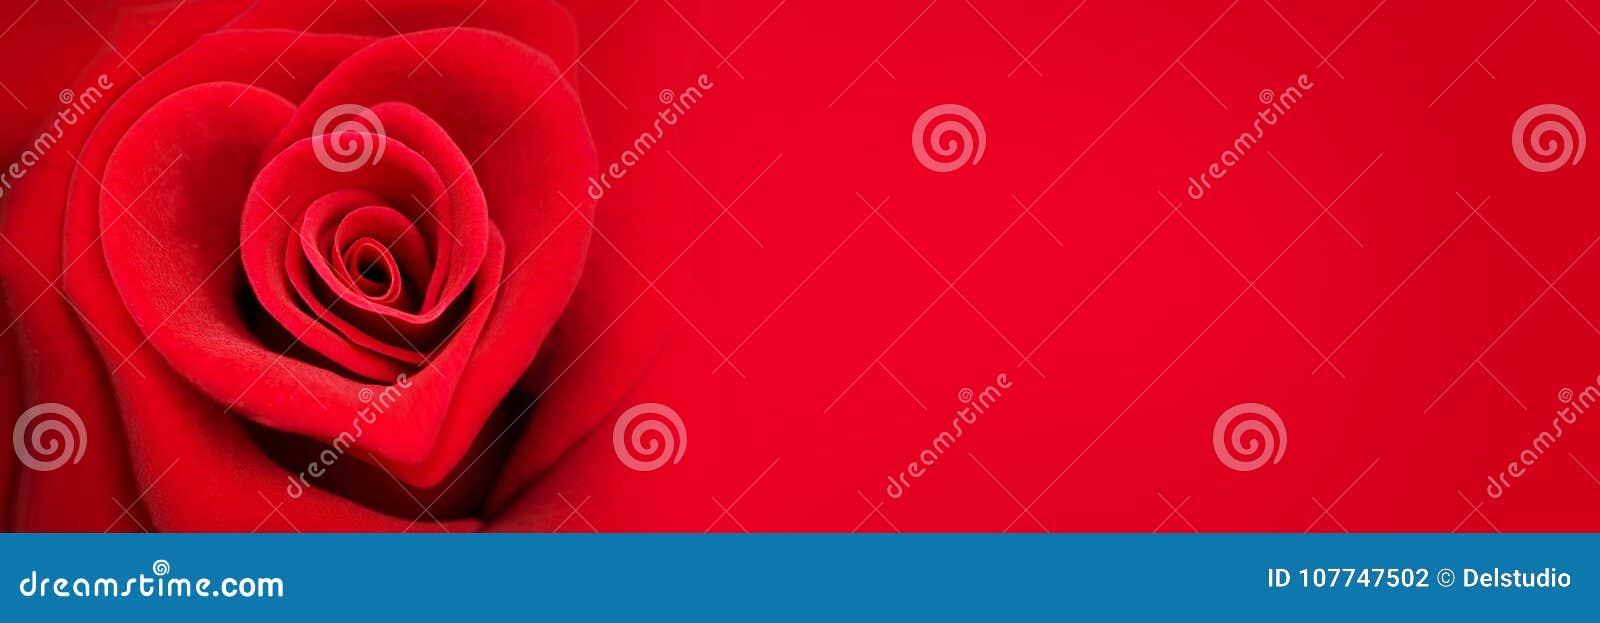 Rotrose in Form eines Herzens, Valentinsgrußtagesfahne